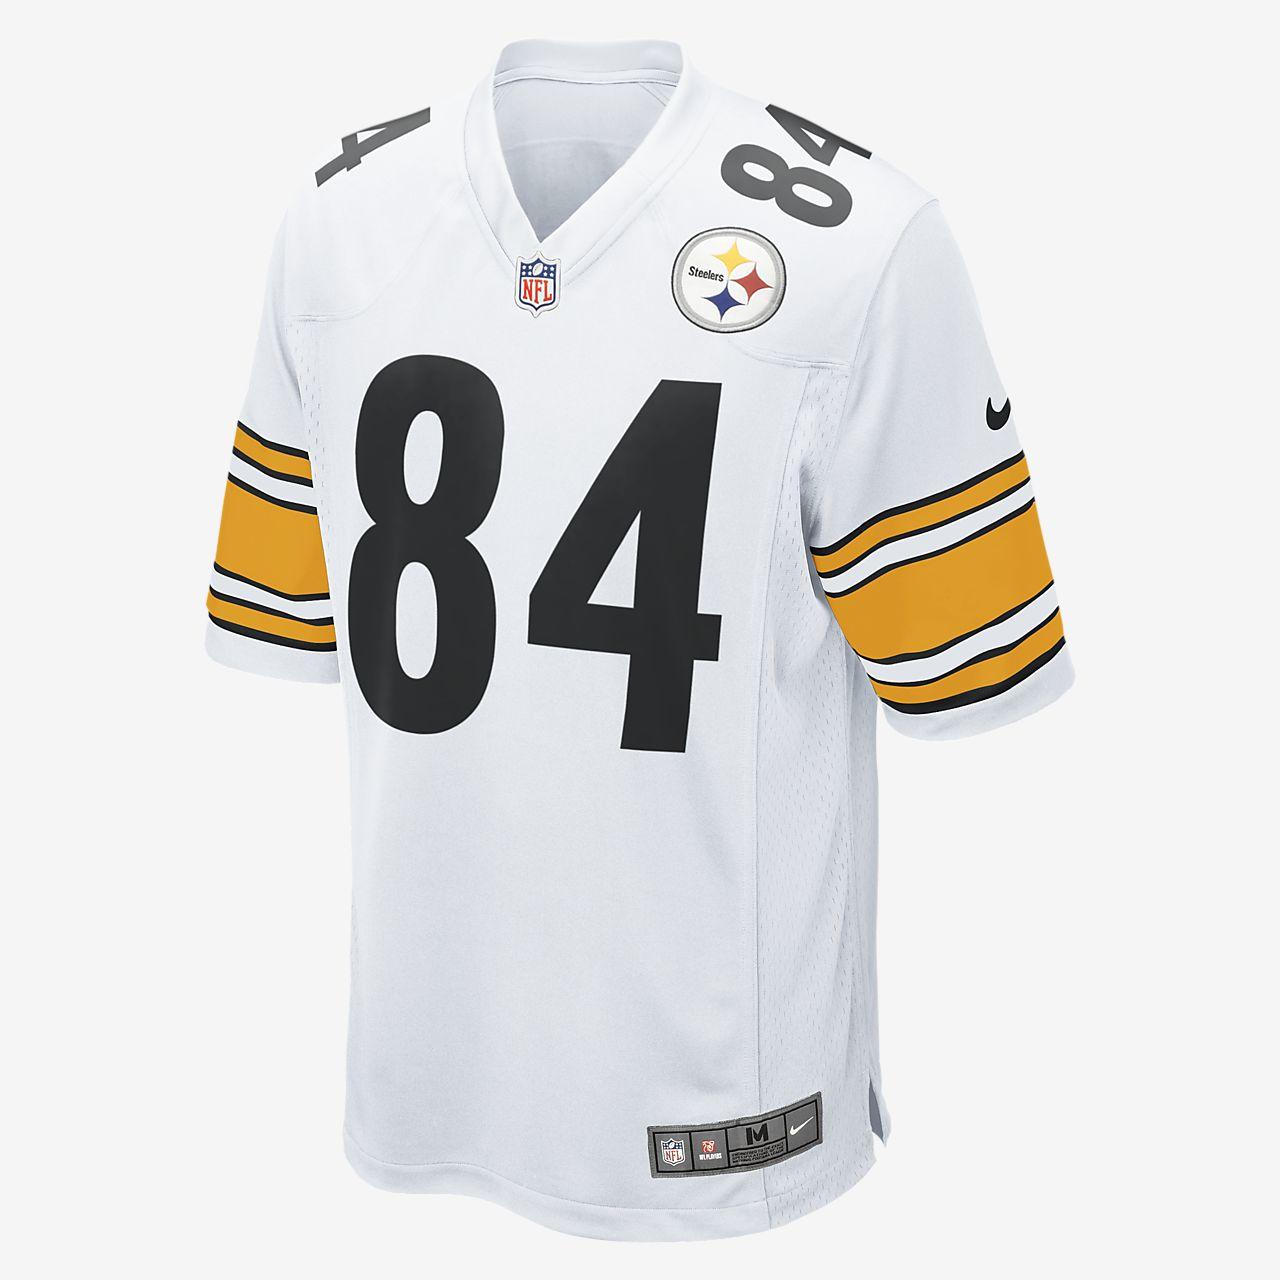 Pánský dres na americký fotbal NFL Pittsburgh Steelers (Antonio Brown)